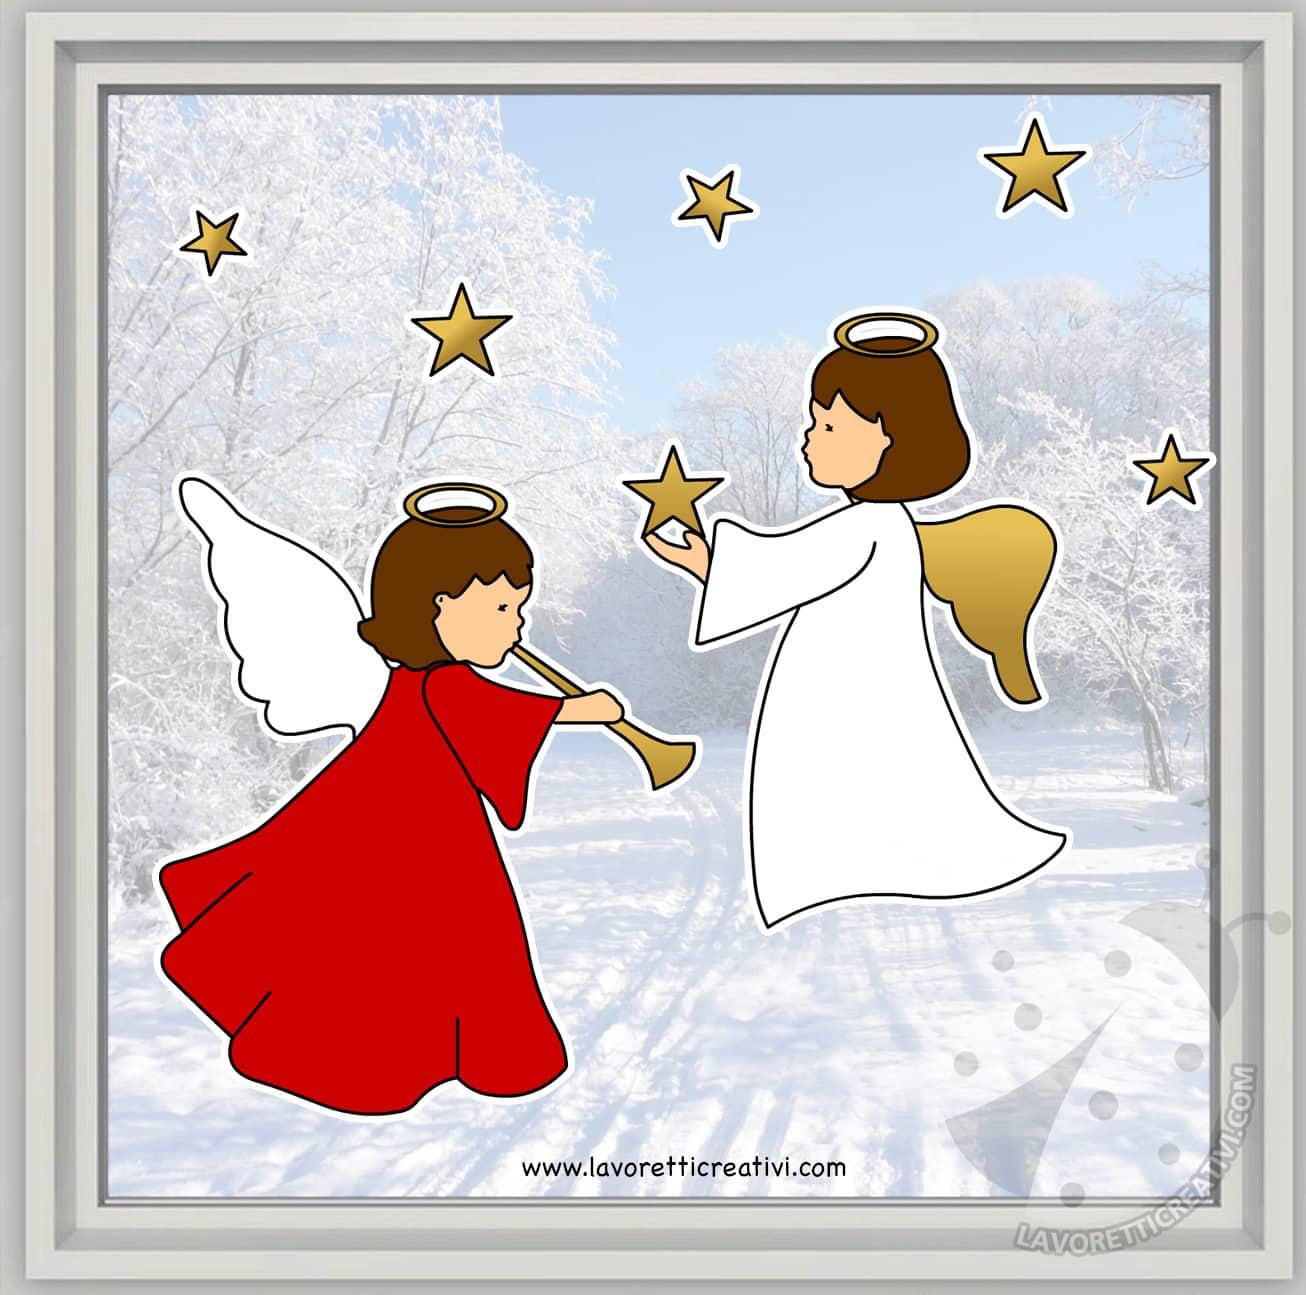 Addobbi natalizi per finestre scuola primaria angeli con for Addobbi finestre natale scuola infanzia